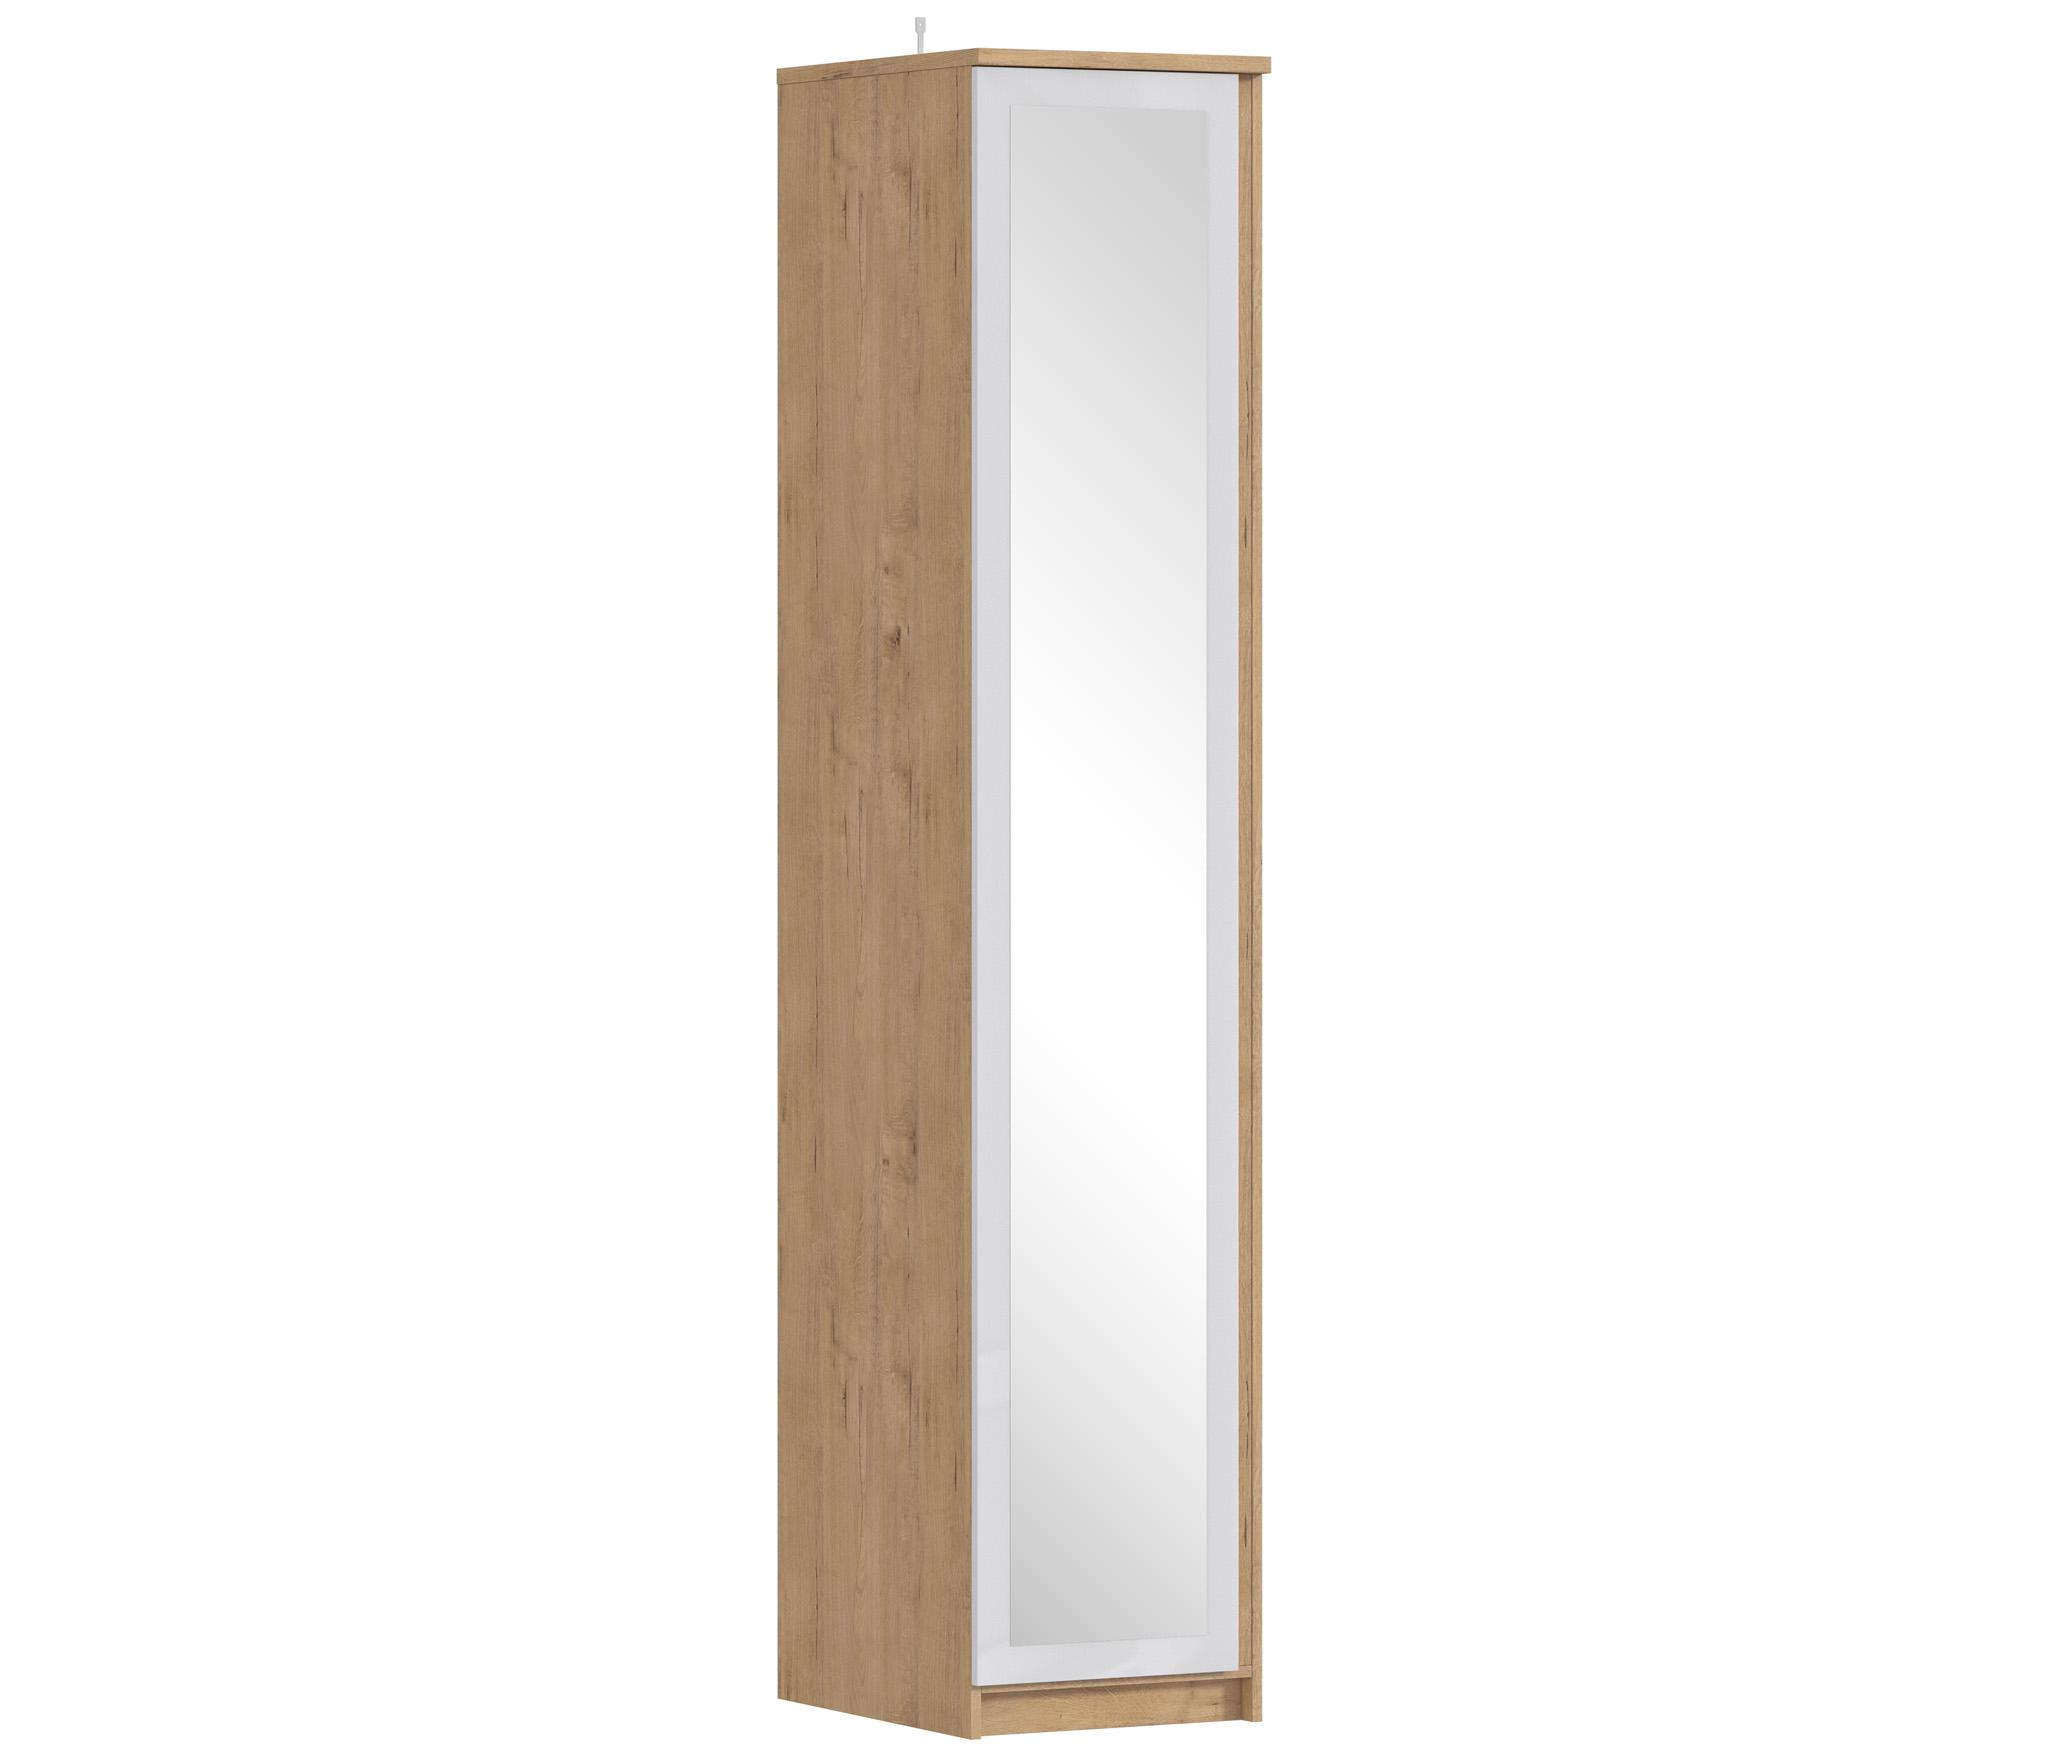 Веста СБ-2260 Шкаф 1-о дверный с зеркалом фото